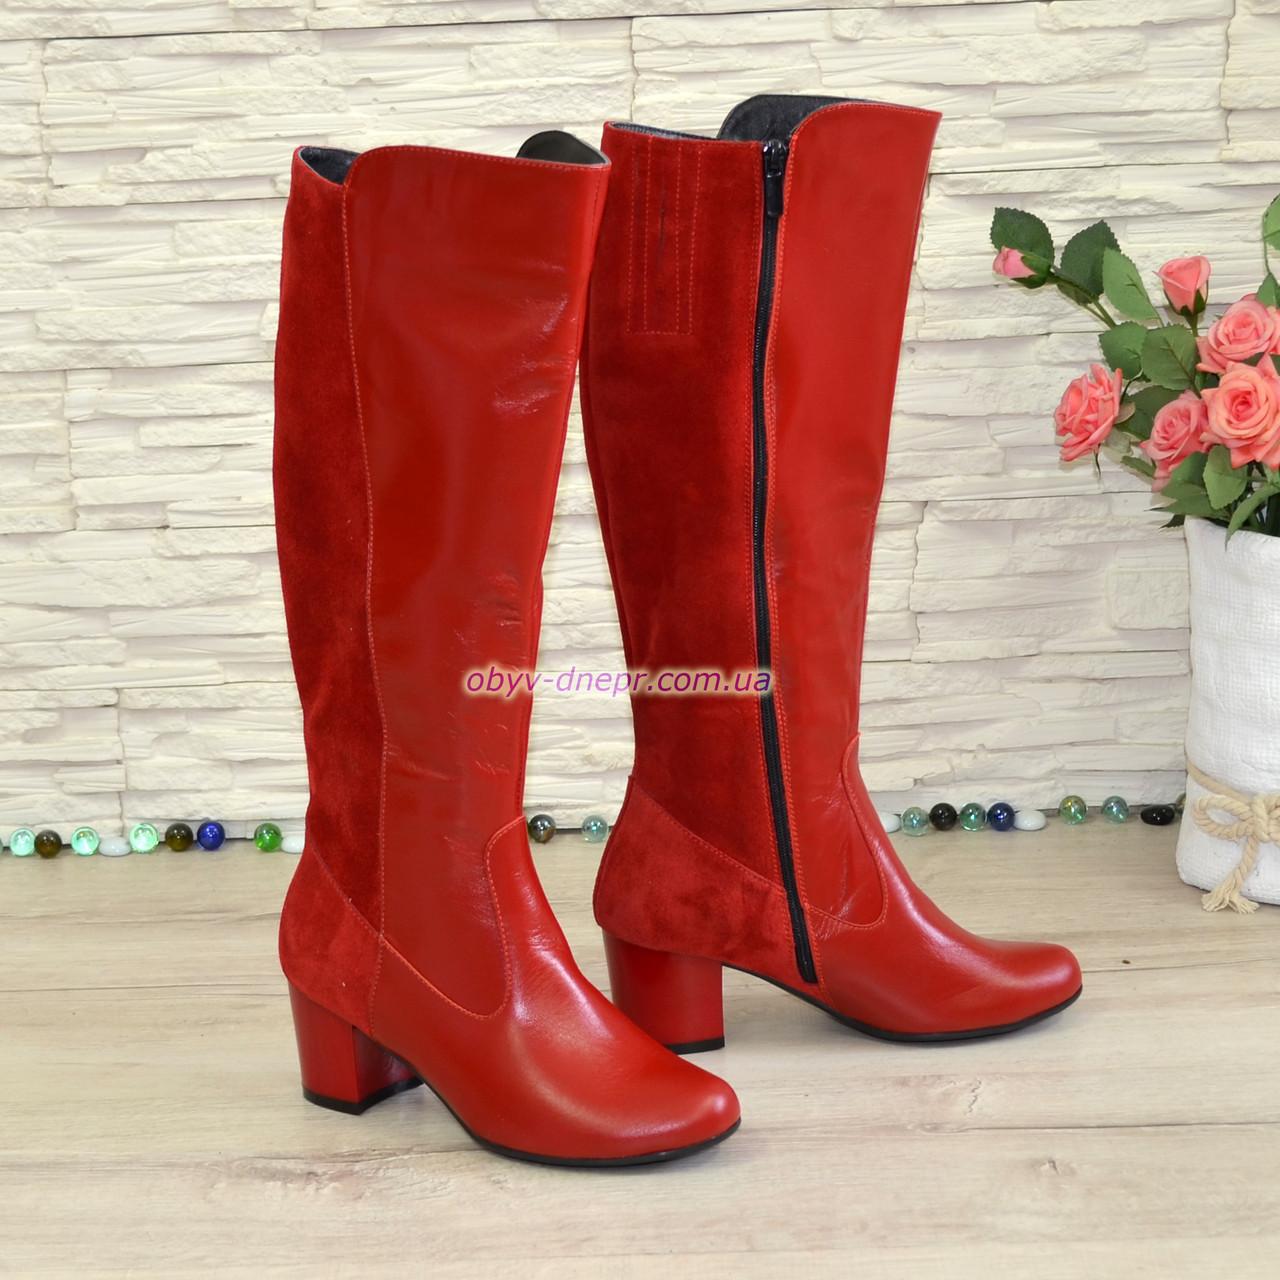 Сапоги женские зимние на невысоком каблуке, из натуральной кожи и замши. 38 размер